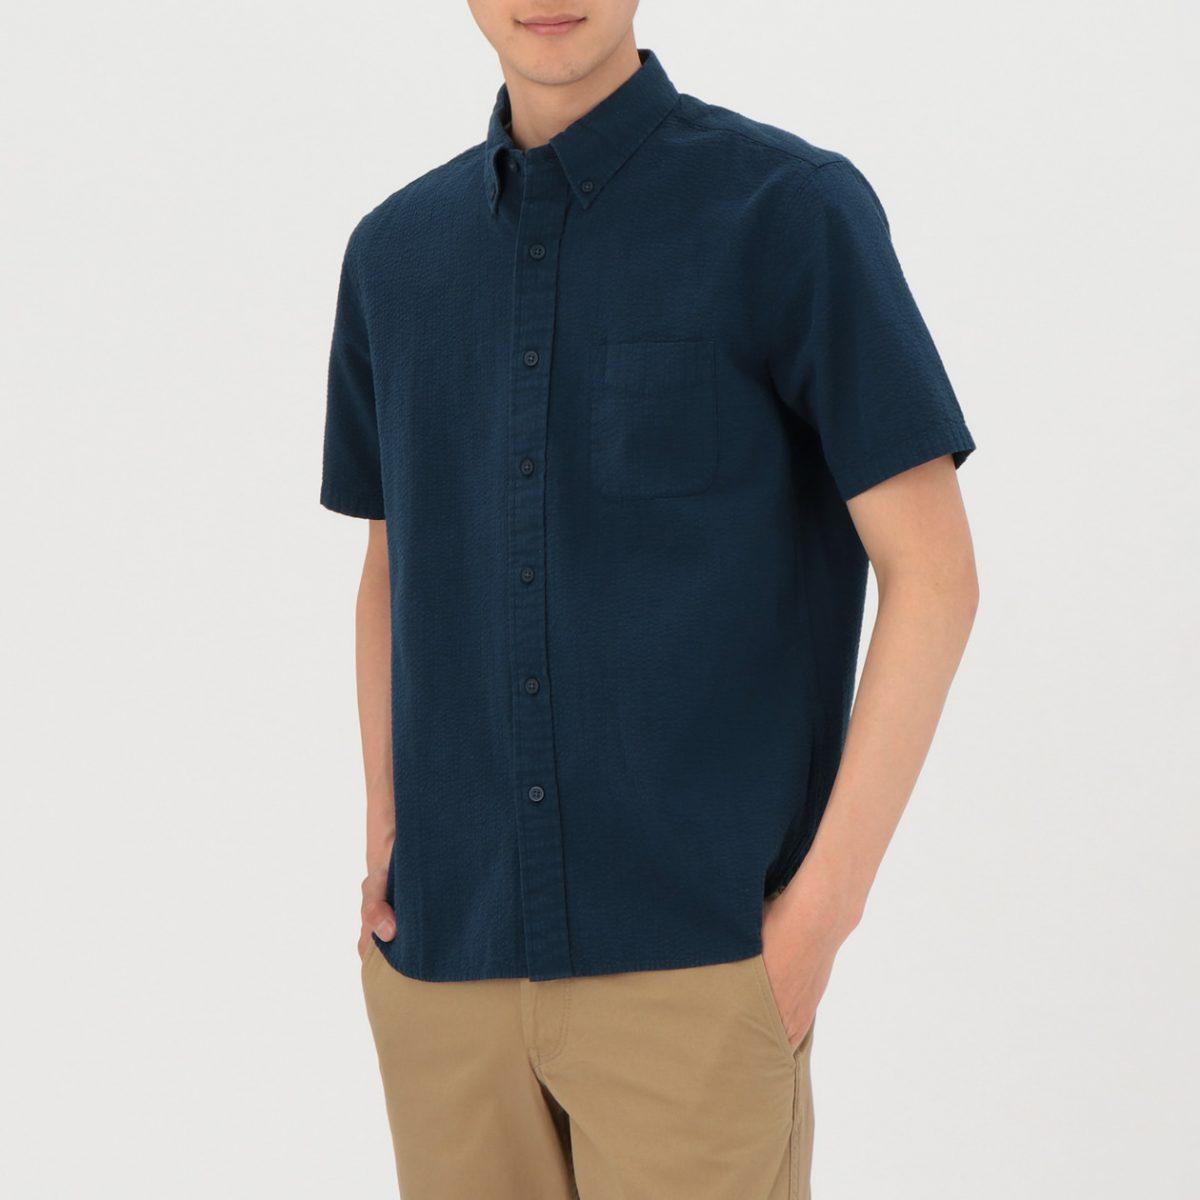 無印良品 新疆綿サッカーボタンダウン半袖シャツ